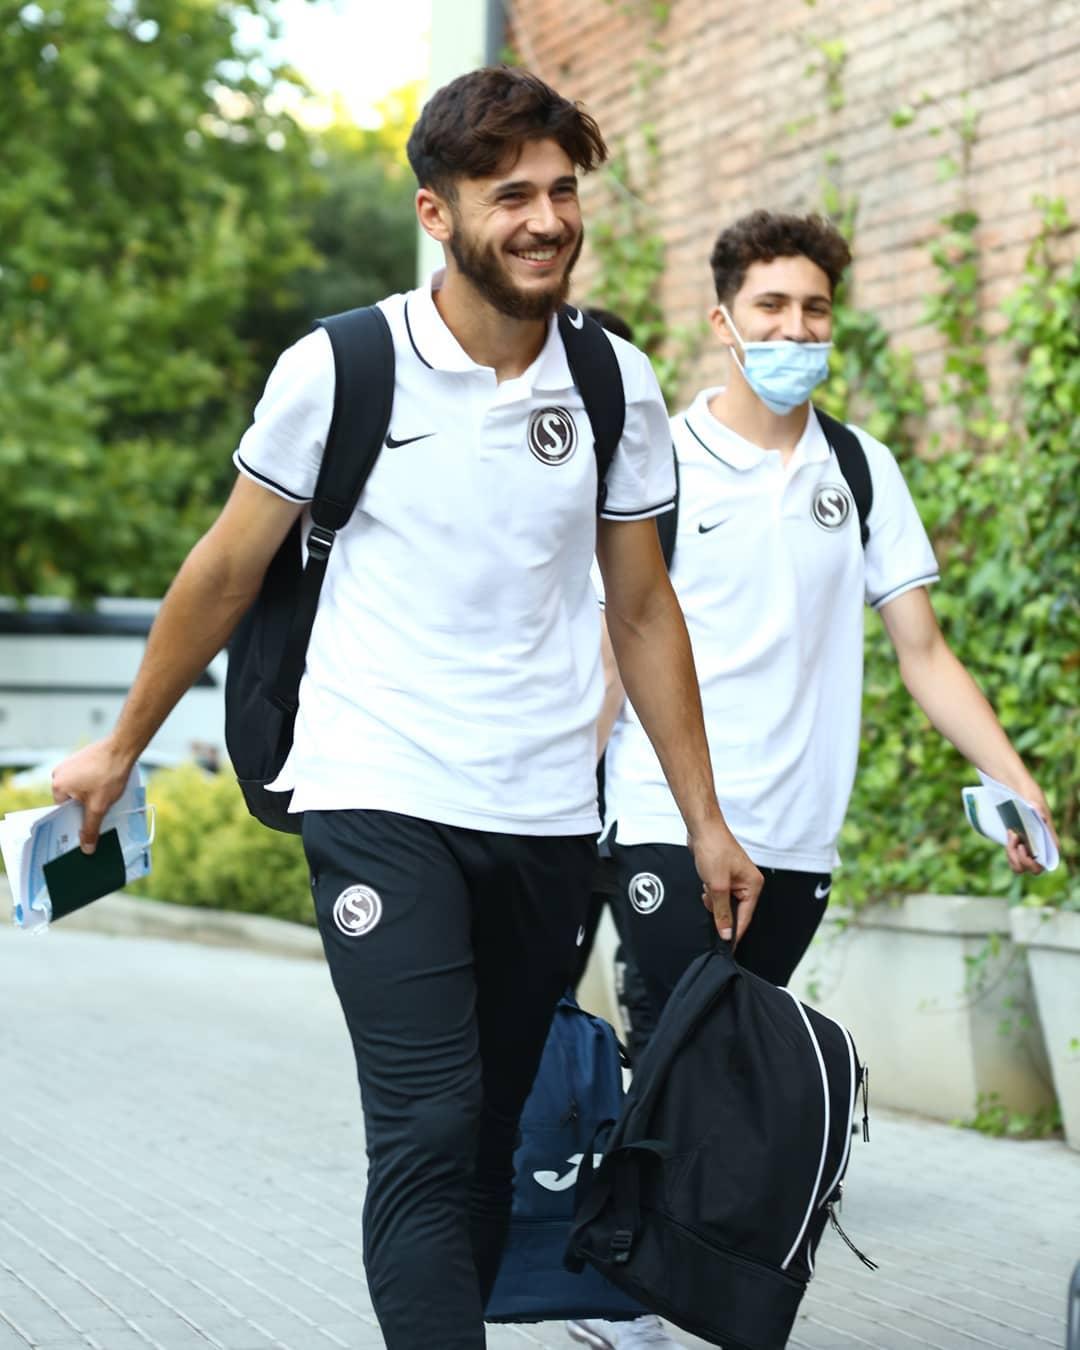 Azərbaycanlı futbolçular qonşu torpağında - FOTOLAR